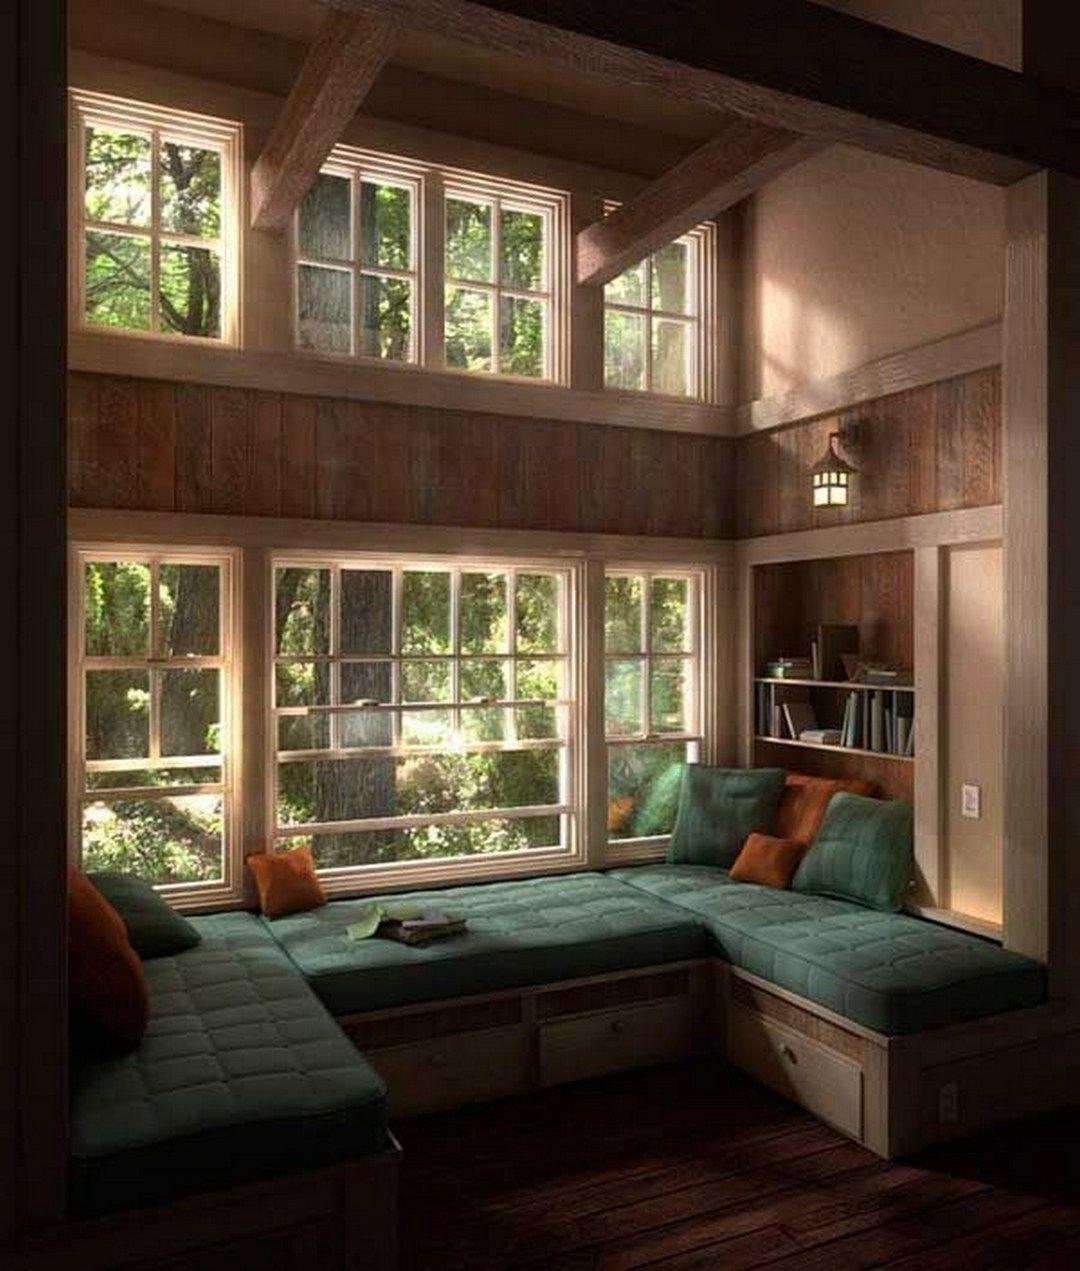 Cozy reading room interior idea 74